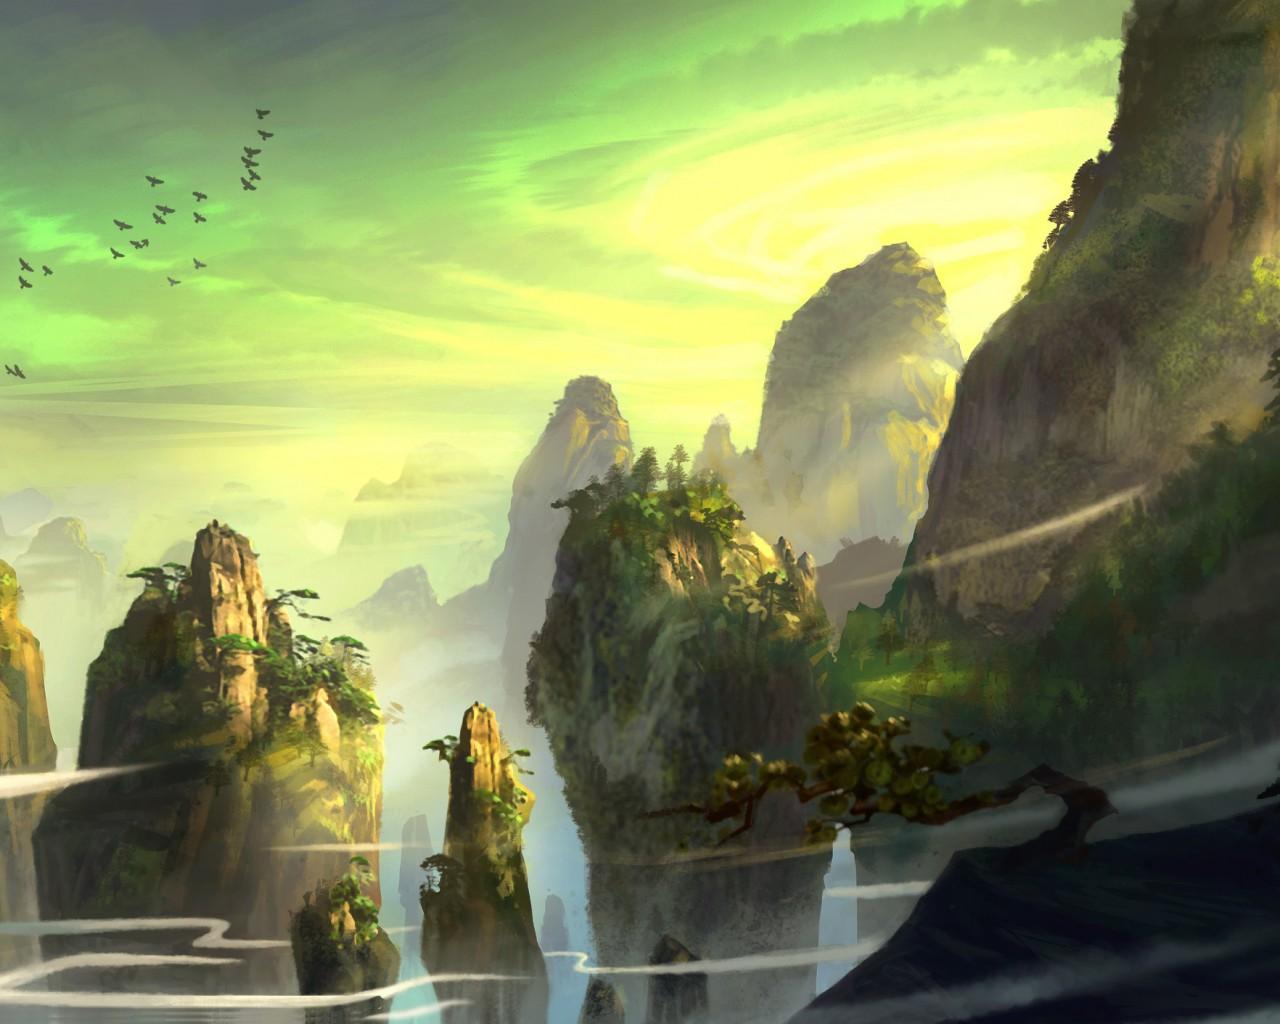 обои пейзажи фантастика на рабочий стол № 54944 загрузить